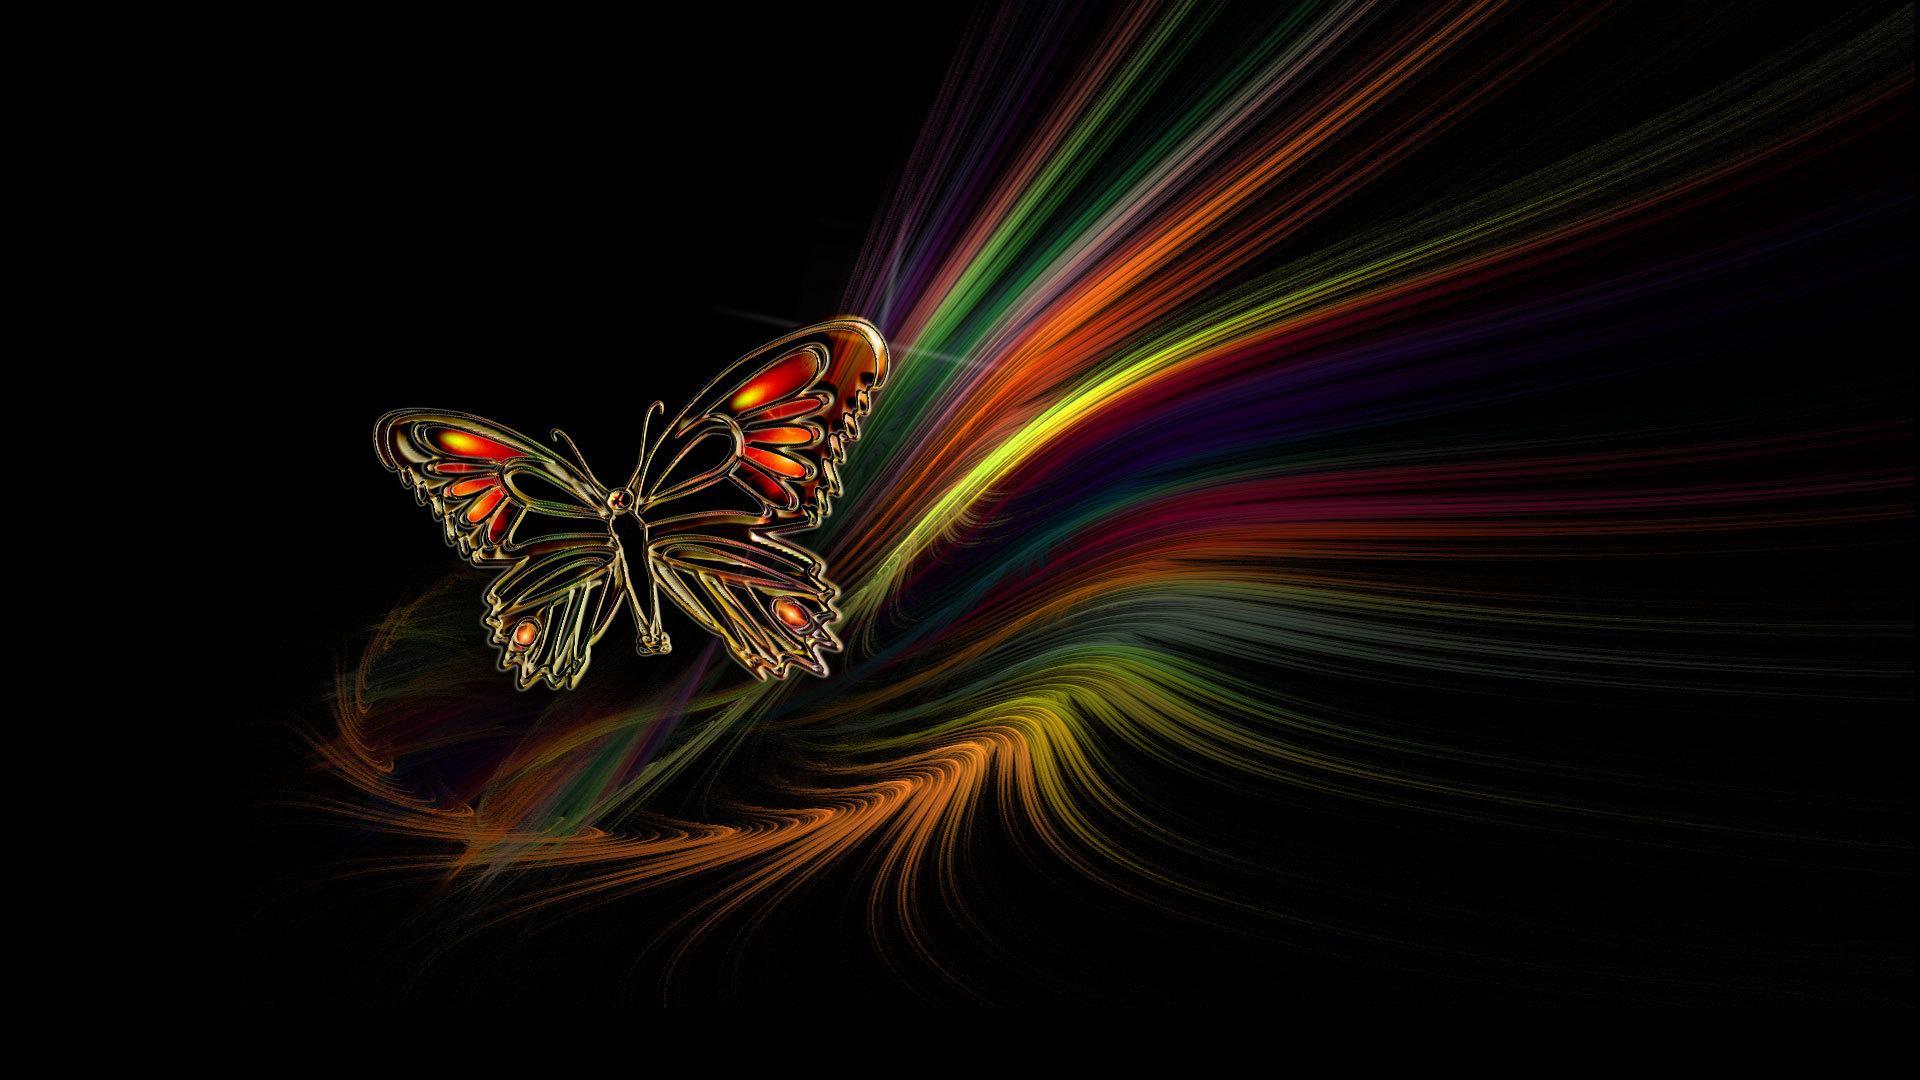 Sfondo farfalla astratta e colori sfondi hd gratis for Immagini astratte hd